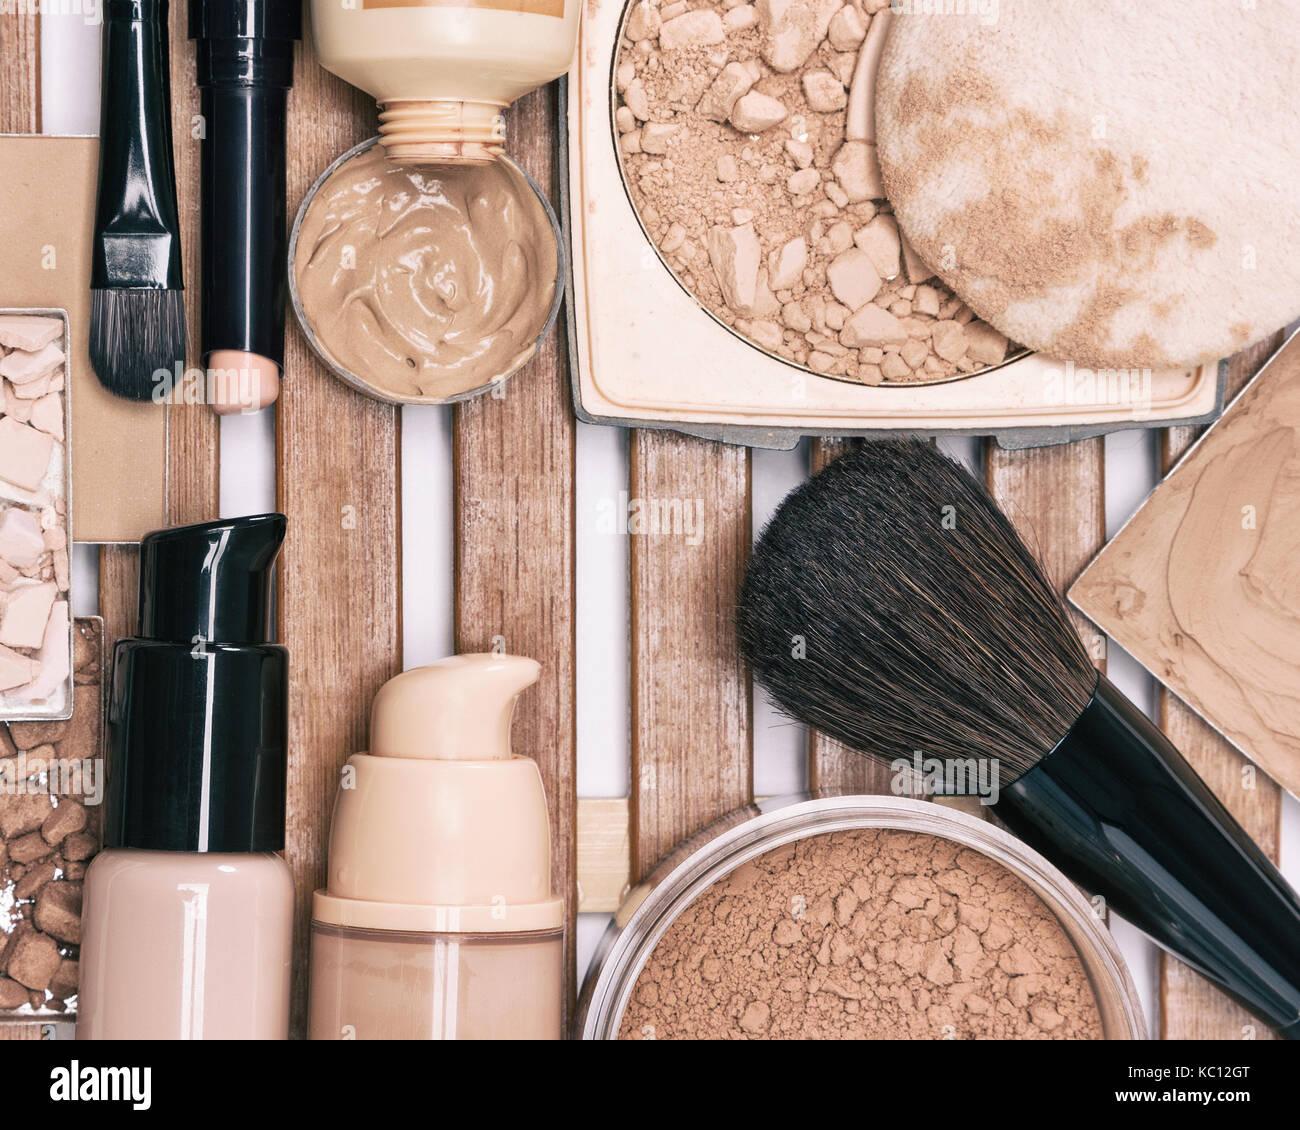 Make-up-Produkte für den fehlerlosen Teint: concealer, Stiftung, Pulver mit professionellen Make-up Pinsel Stockfoto